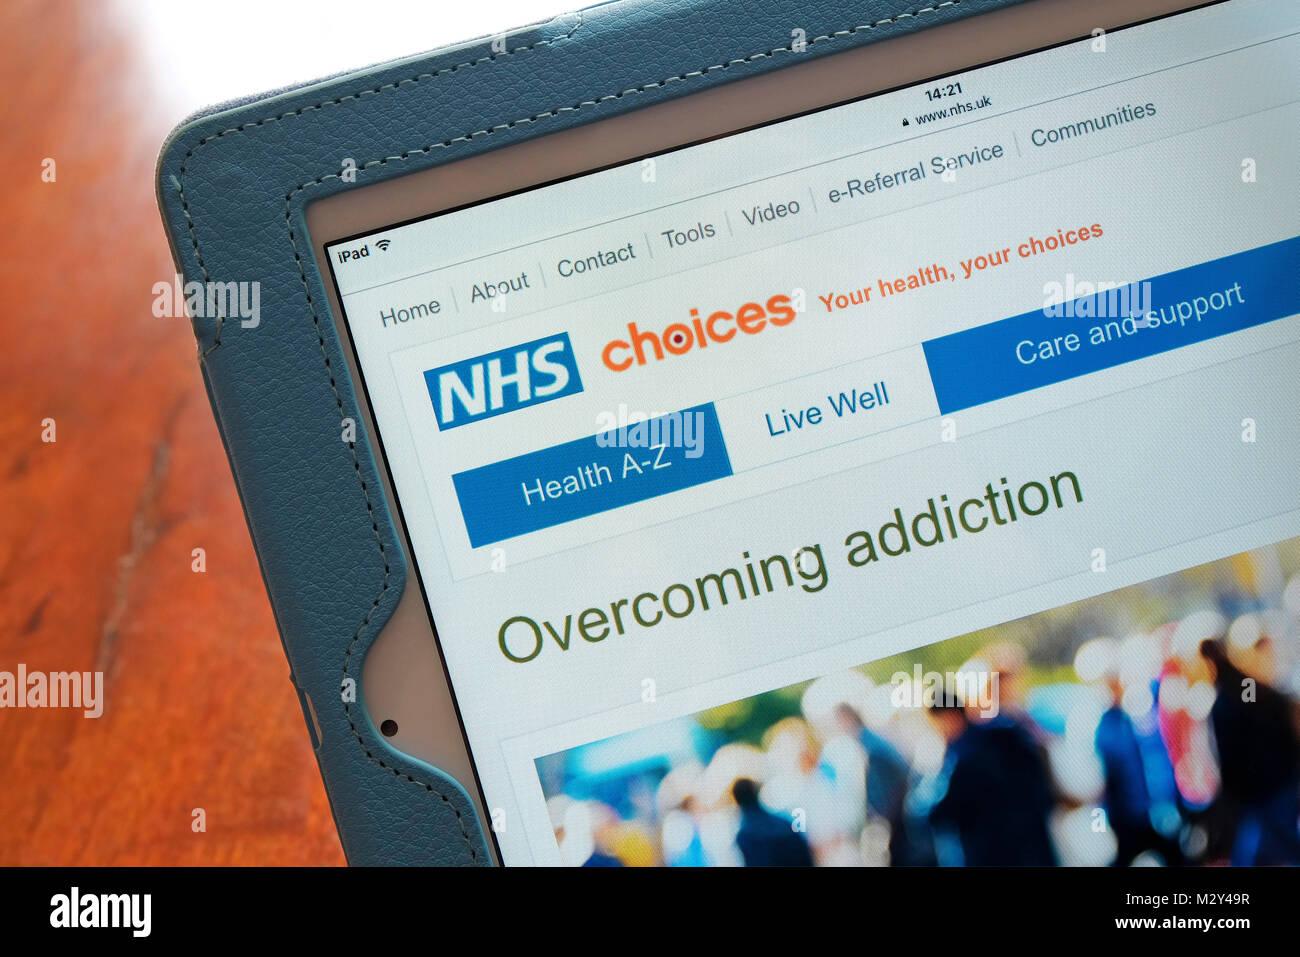 Nhs superar la adicción online Página principal Imagen De Stock